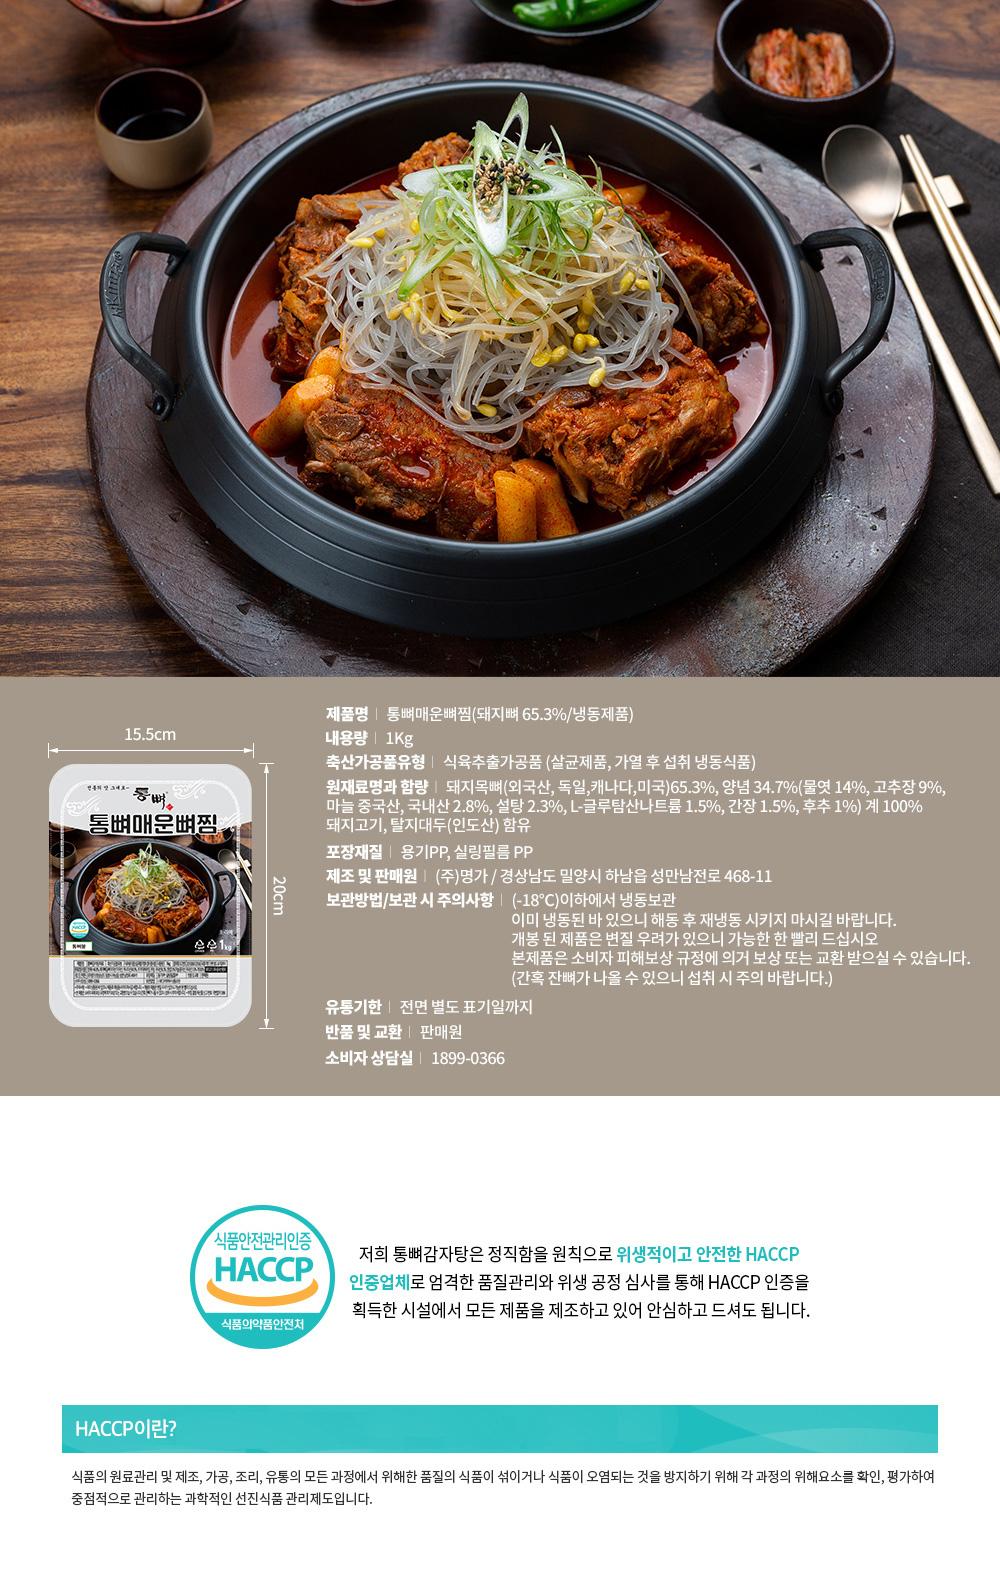 통뼈감자탕 부산 20년 전통의 맛 찜 세트 8팩(8kg) - 통뼈감자탕, 64,000원, 밥/국, 간편 국